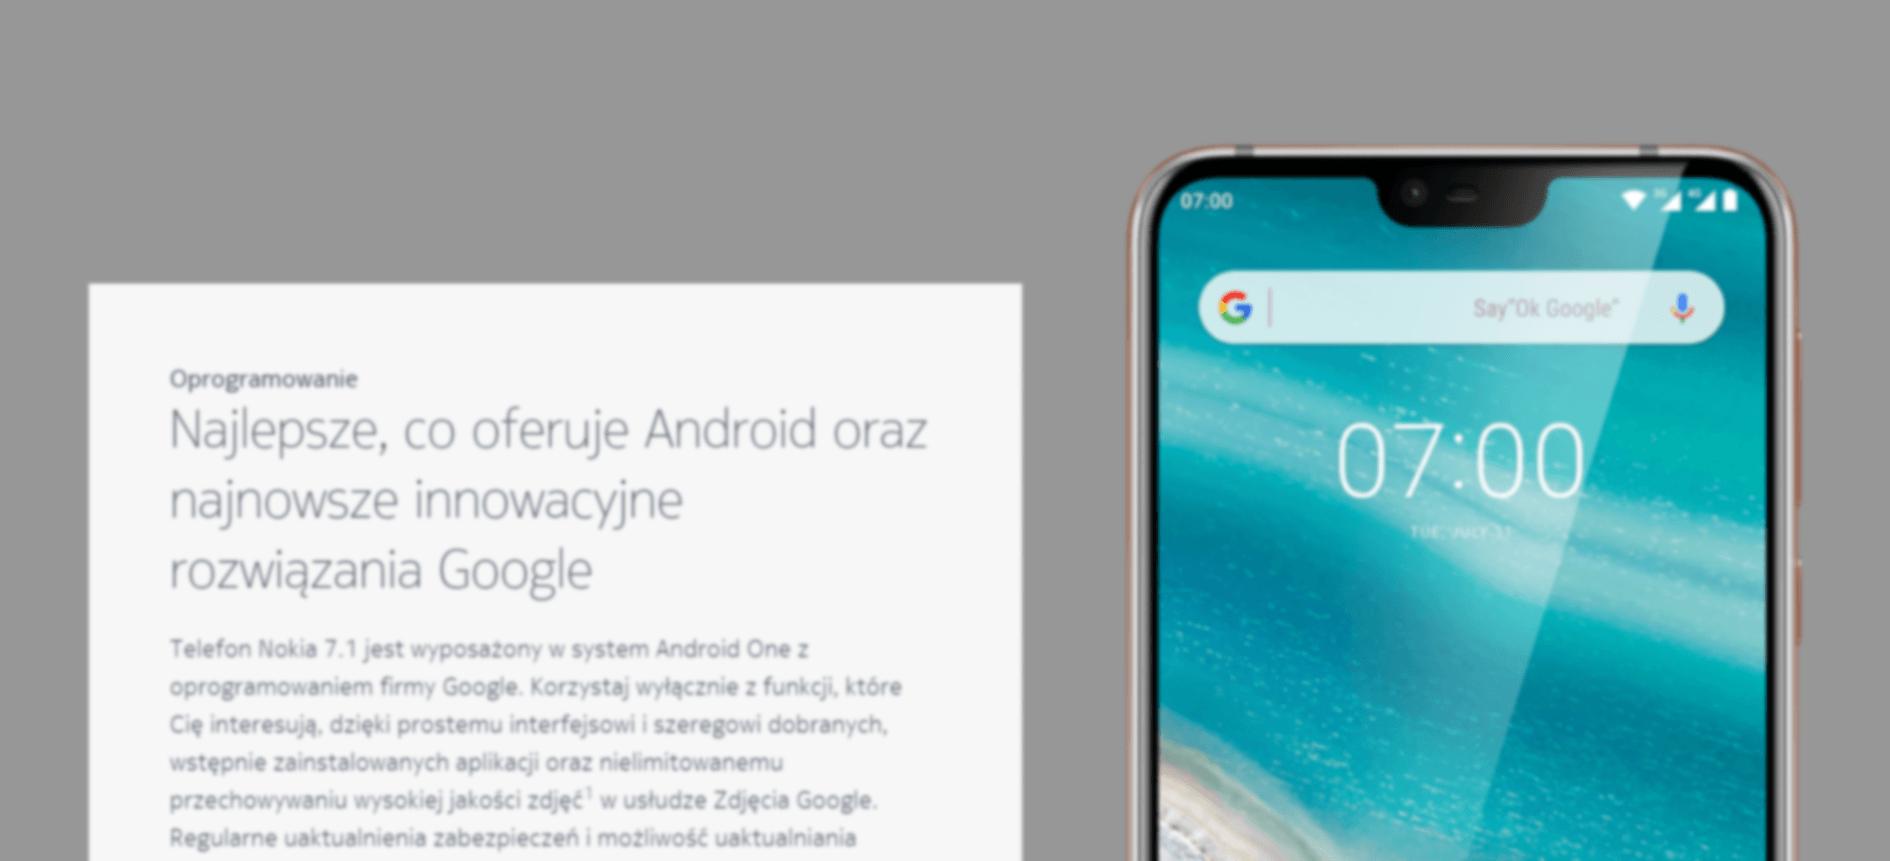 HMD Global ogłasza plan aktualizacji smartfonów Nokia do Androida 9.0 Pie 20